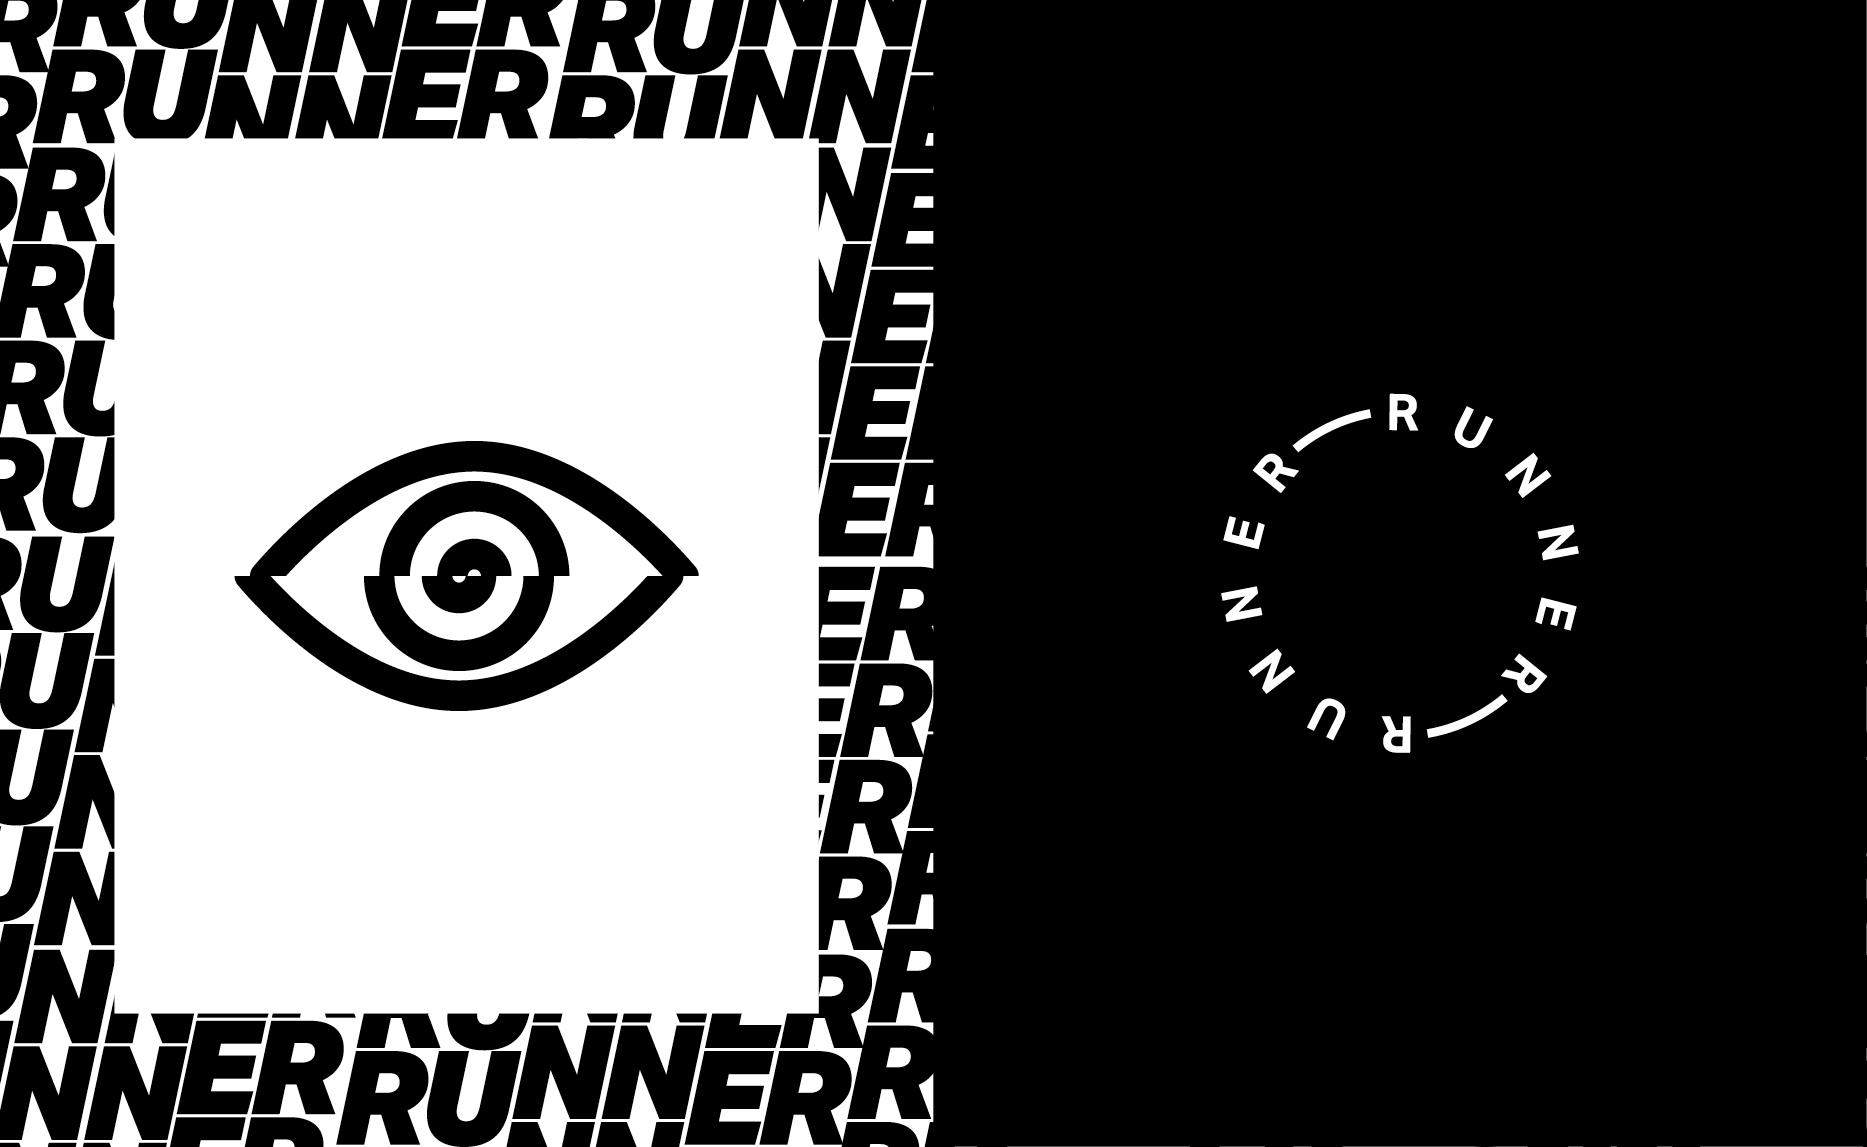 RUNNERRUNNER_WEB_14002